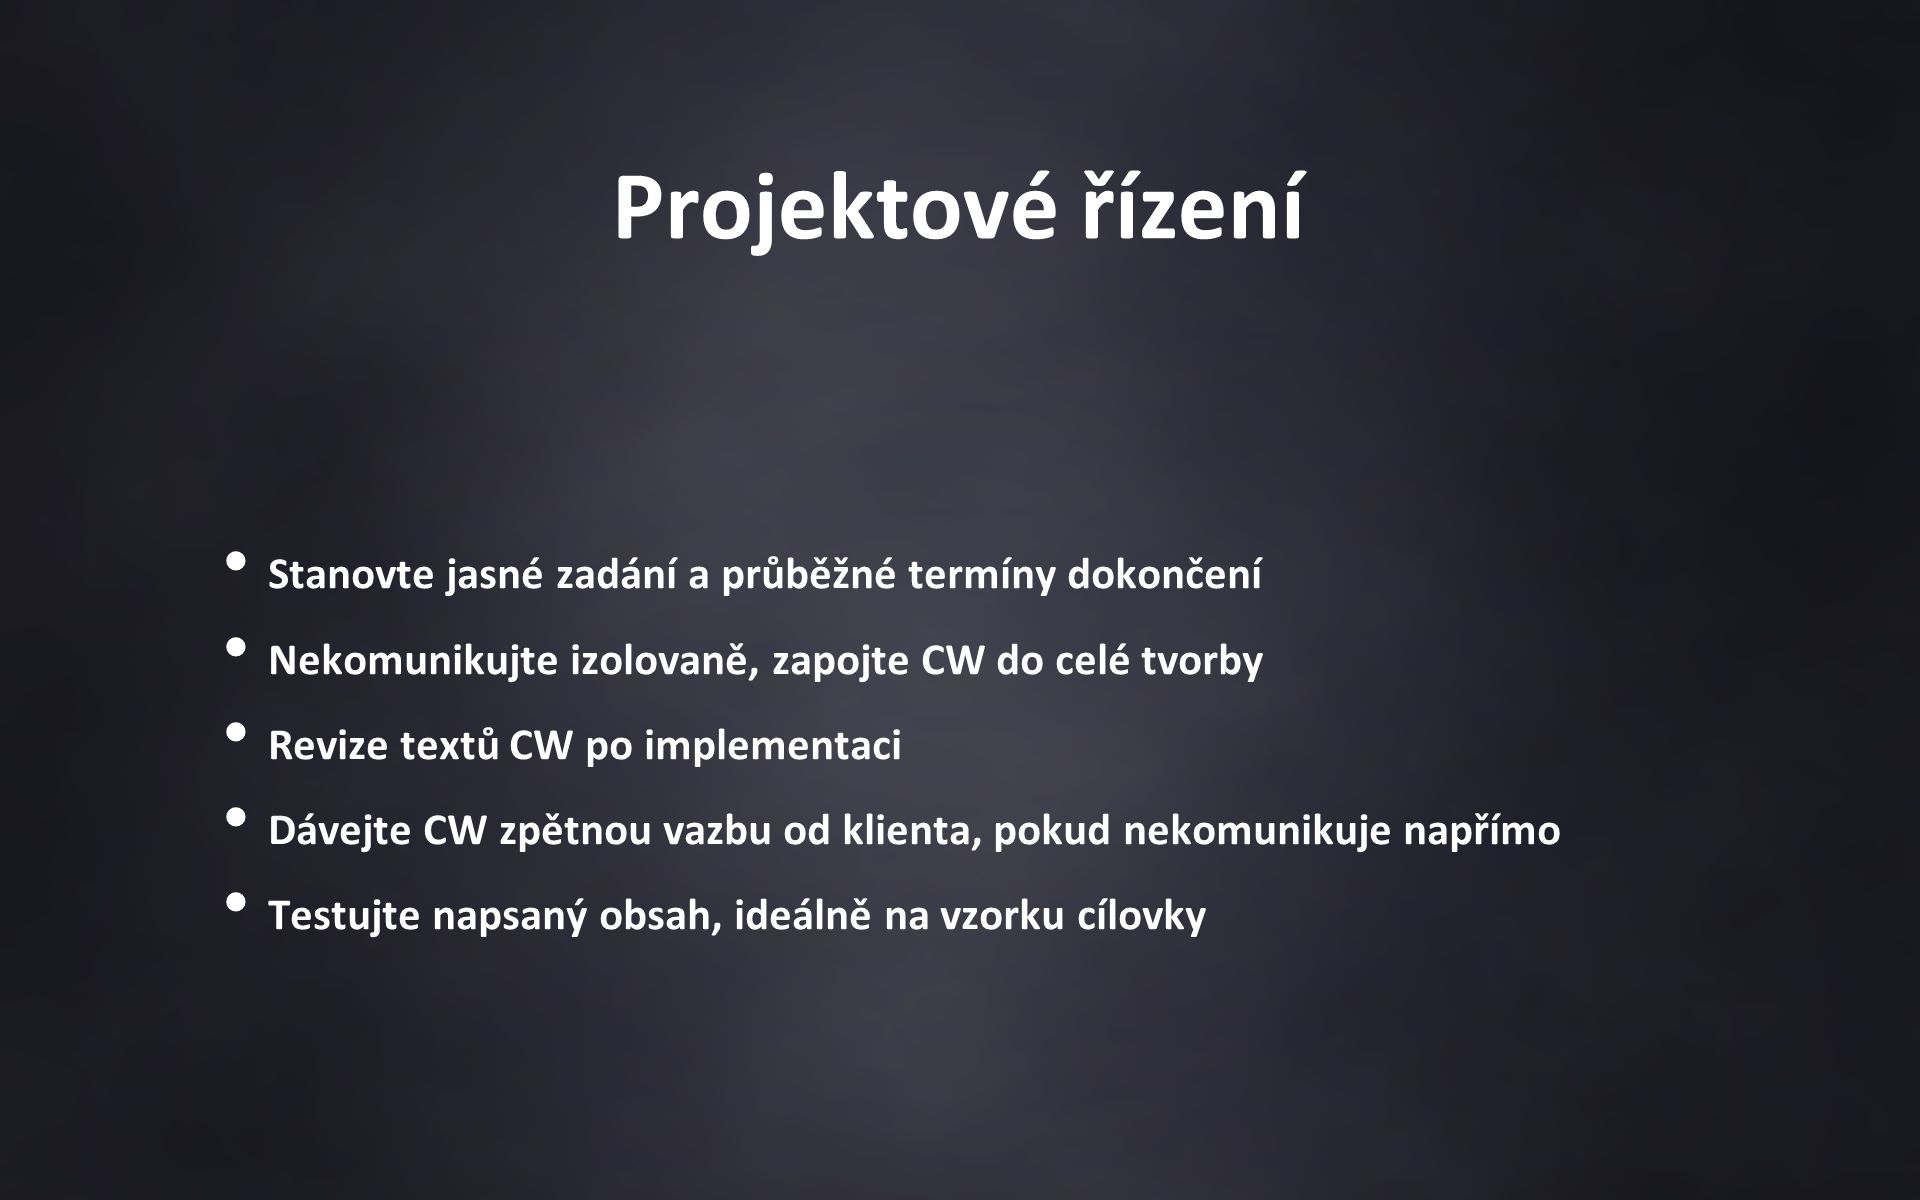 Projektové řízení Stanovte jasné zadání a průběžné termíny dokončení Nekomunikujte izolovaně, zapojte CW do celé tvorby Revize textů CW po implementaci Dávejte CW zpětnou vazbu od klienta, pokud nekomunikuje napřímo Testujte napsaný obsah, ideálně na vzorku cílovky